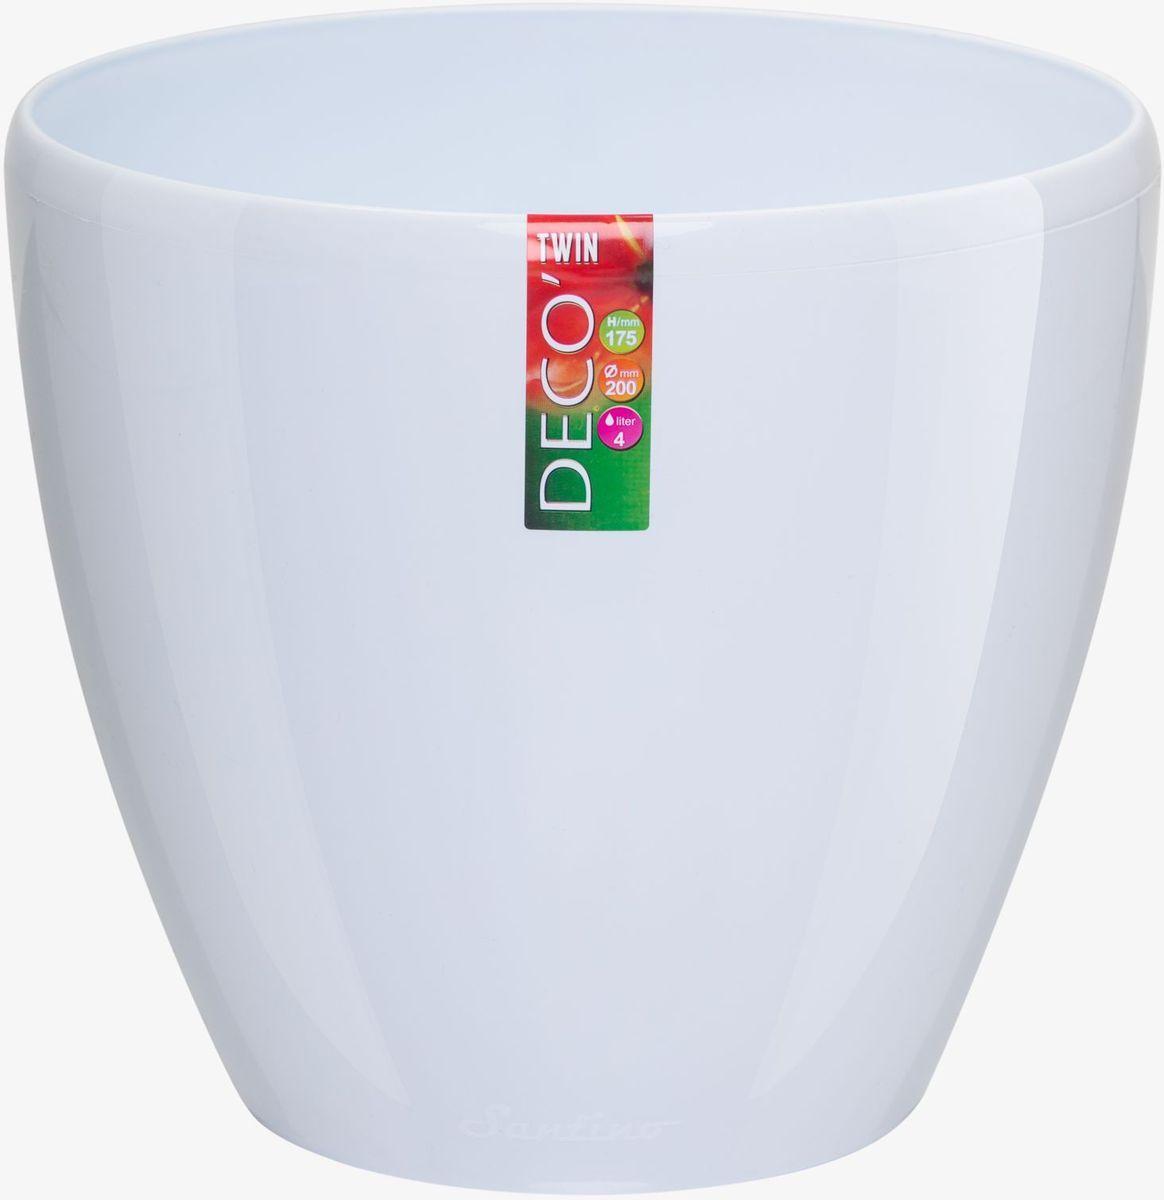 Горшок цветочный Santino Deco Twin, двойной, с системой автополива, цвет: прозрачный, 5,8 лДЕК 5,8 ПРГоршок цветочный Santino Deco Twin снабжен дренажной системой и состоит из кашпо и вазона-вкладыша. Изготовлен из пластика.Особенность: тарелочка или блюдце не нужны.Горшок предназначен для любых растений или цветов. Цветочный дренаж – это система, которая позволяет выводить лишнюю влагу через корневую систему цветка и слой почвы. Растение – это живой организм, следовательно, ему необходимо дышать. В доступе к кислороду нуждаются все части растения: -листья; -корневая система.Если цветовод по какой-либо причине зальет цветок водой, то она буквально вытеснит из почвенного слоя все пузырьки кислорода. Анаэробная среда способствует развитию различного рода бактерий. Безвоздушная среда приводит к загниванию корневой системы, цветок в результате увядает.Суть работы дренажной системы заключается в том, чтобы осуществлять отвод лишней влаги от растения и давать возможность корневой системе дышать без проблем. Следовательно, каждому цветку необходимо:-иметь в основании цветочного горшочка хотя бы одно небольшое дренажное отверстие. Оно необходимо для того, чтобы через него выходила лишняя вода, плюс ко всему это отверстие дает возможность циркулировать воздух.-на самом дне горшка необходимо выложить слоем в 2-5 см (зависит от вида растения) дренаж.